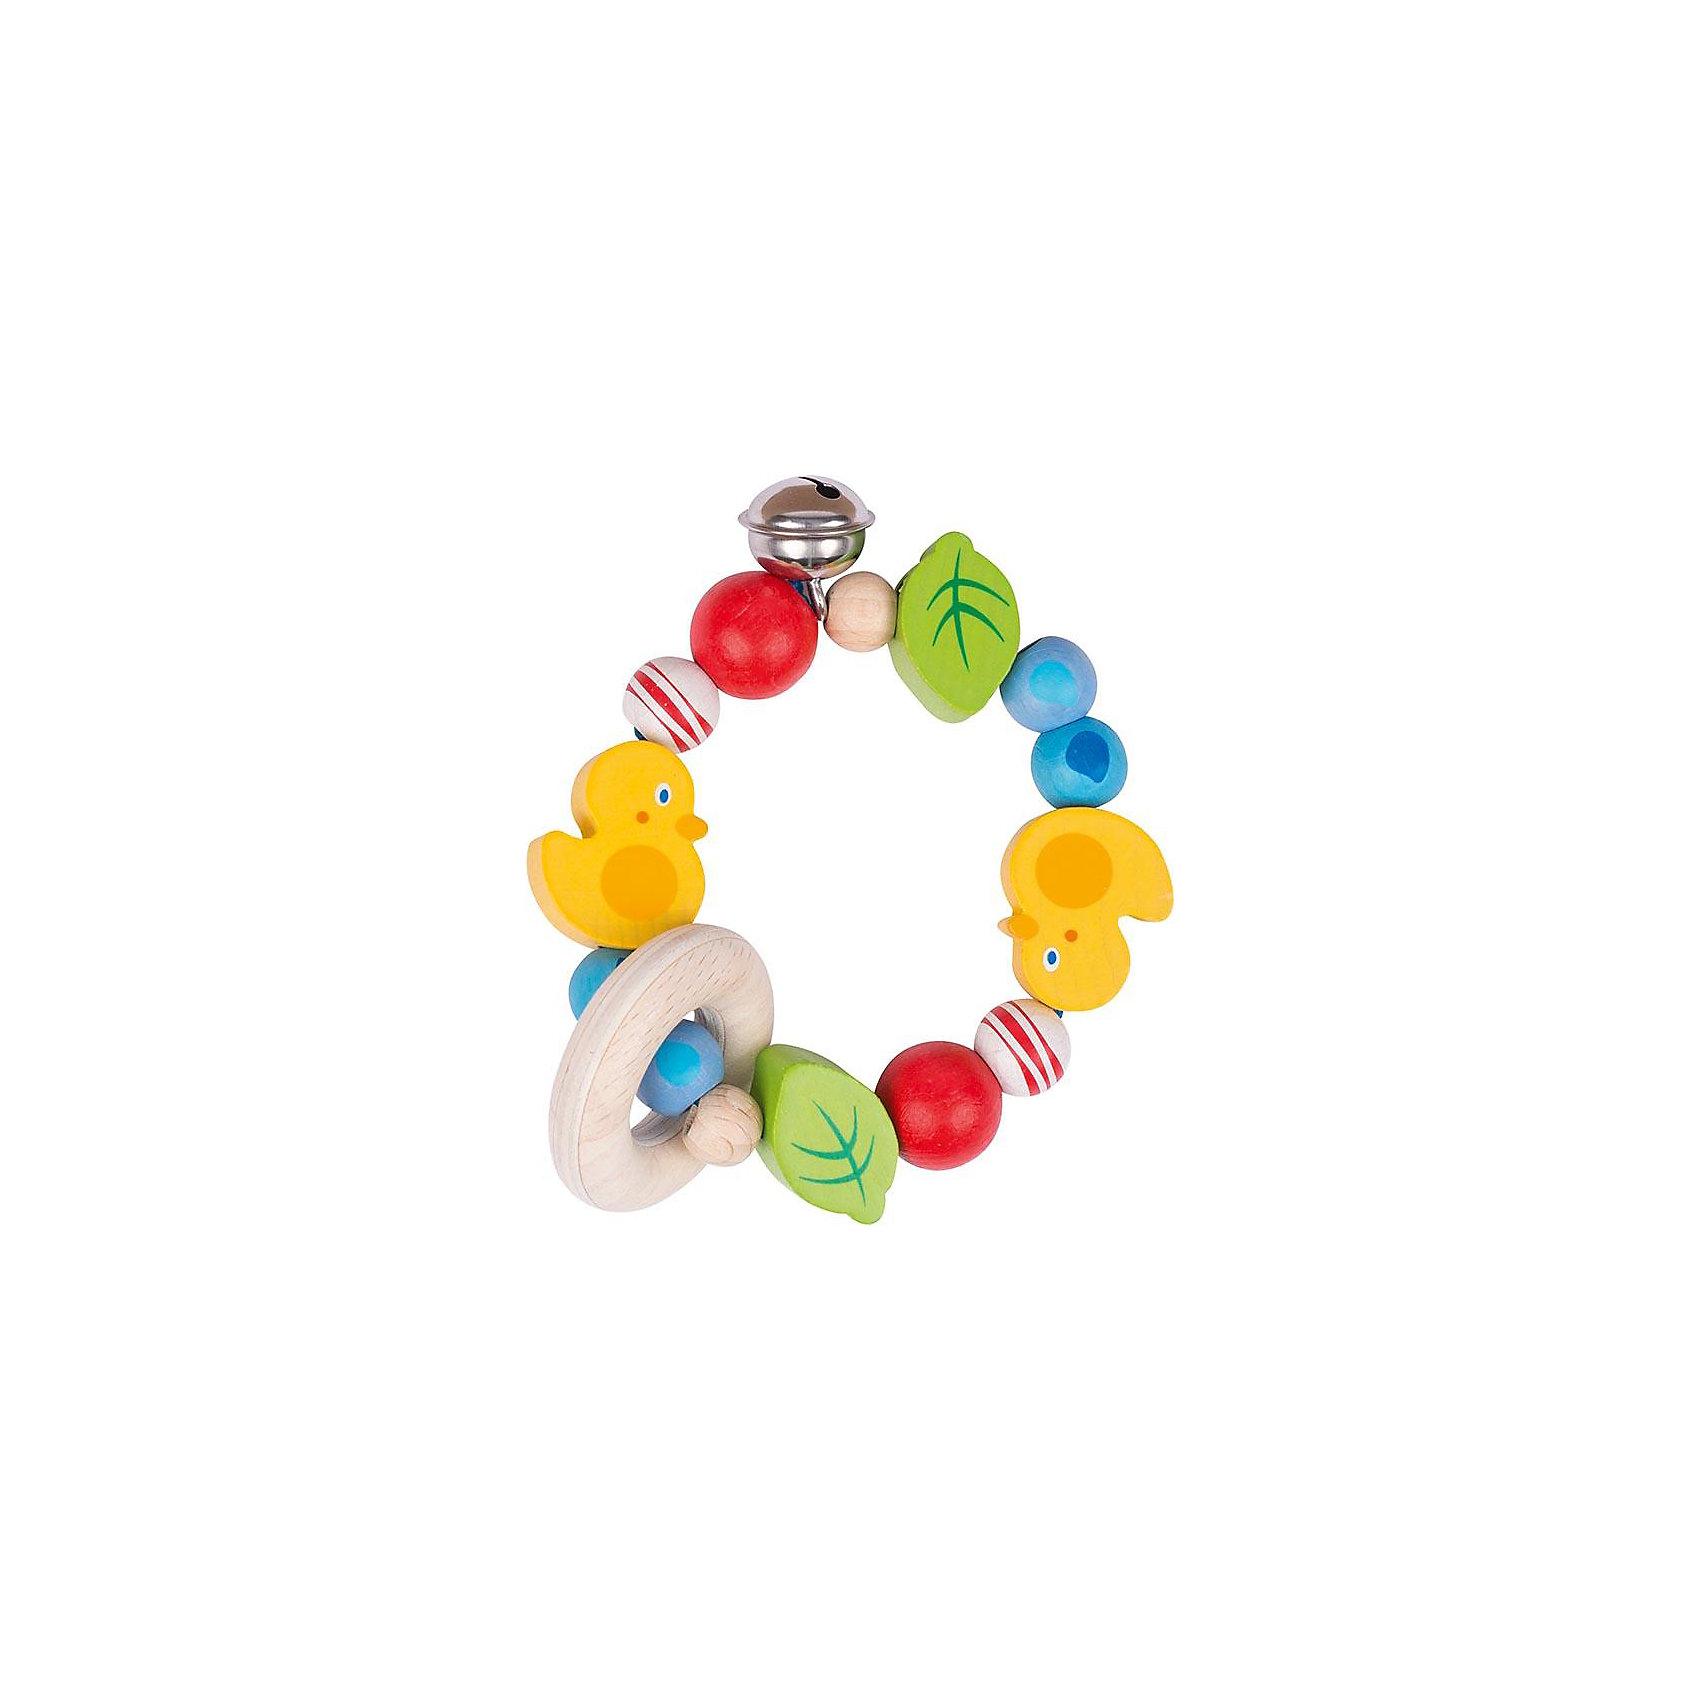 Игрушка-кольцо эластик Уточки, HEIMESSХарактеристики товара:<br><br>- цвет: разноцветный;<br>- материал: эластик;<br>- размер упаковки: 8x8x8 см;<br>- вес: 50 г.<br><br>Детская красивая игрушка – отличный подарок для родителей и ребенка. В процессе игры с ней ребенок развивает моторику, тактильное восприятие, воображение, внимание и координацию движений. Игрушка тщательно обработана, её можно кусать - она сделана из безопасного материала. Игрушка разработана специально для маленьких ручек ребёнка. <br>Такая игрушка позволит малышу с детства развивать цветовосприятие, также она помогает детям научиться фокусировать внимание. Изделие произведено из качественных материалов, безопасных для ребенка.<br><br>Игрушку-кольцо эластик Уточки от бренда HEIMESS можно купить в нашем интернет-магазине.<br><br>Ширина мм: 80<br>Глубина мм: 80<br>Высота мм: 80<br>Вес г: 56<br>Возраст от месяцев: 3<br>Возраст до месяцев: 24<br>Пол: Унисекс<br>Возраст: Детский<br>SKU: 5155299